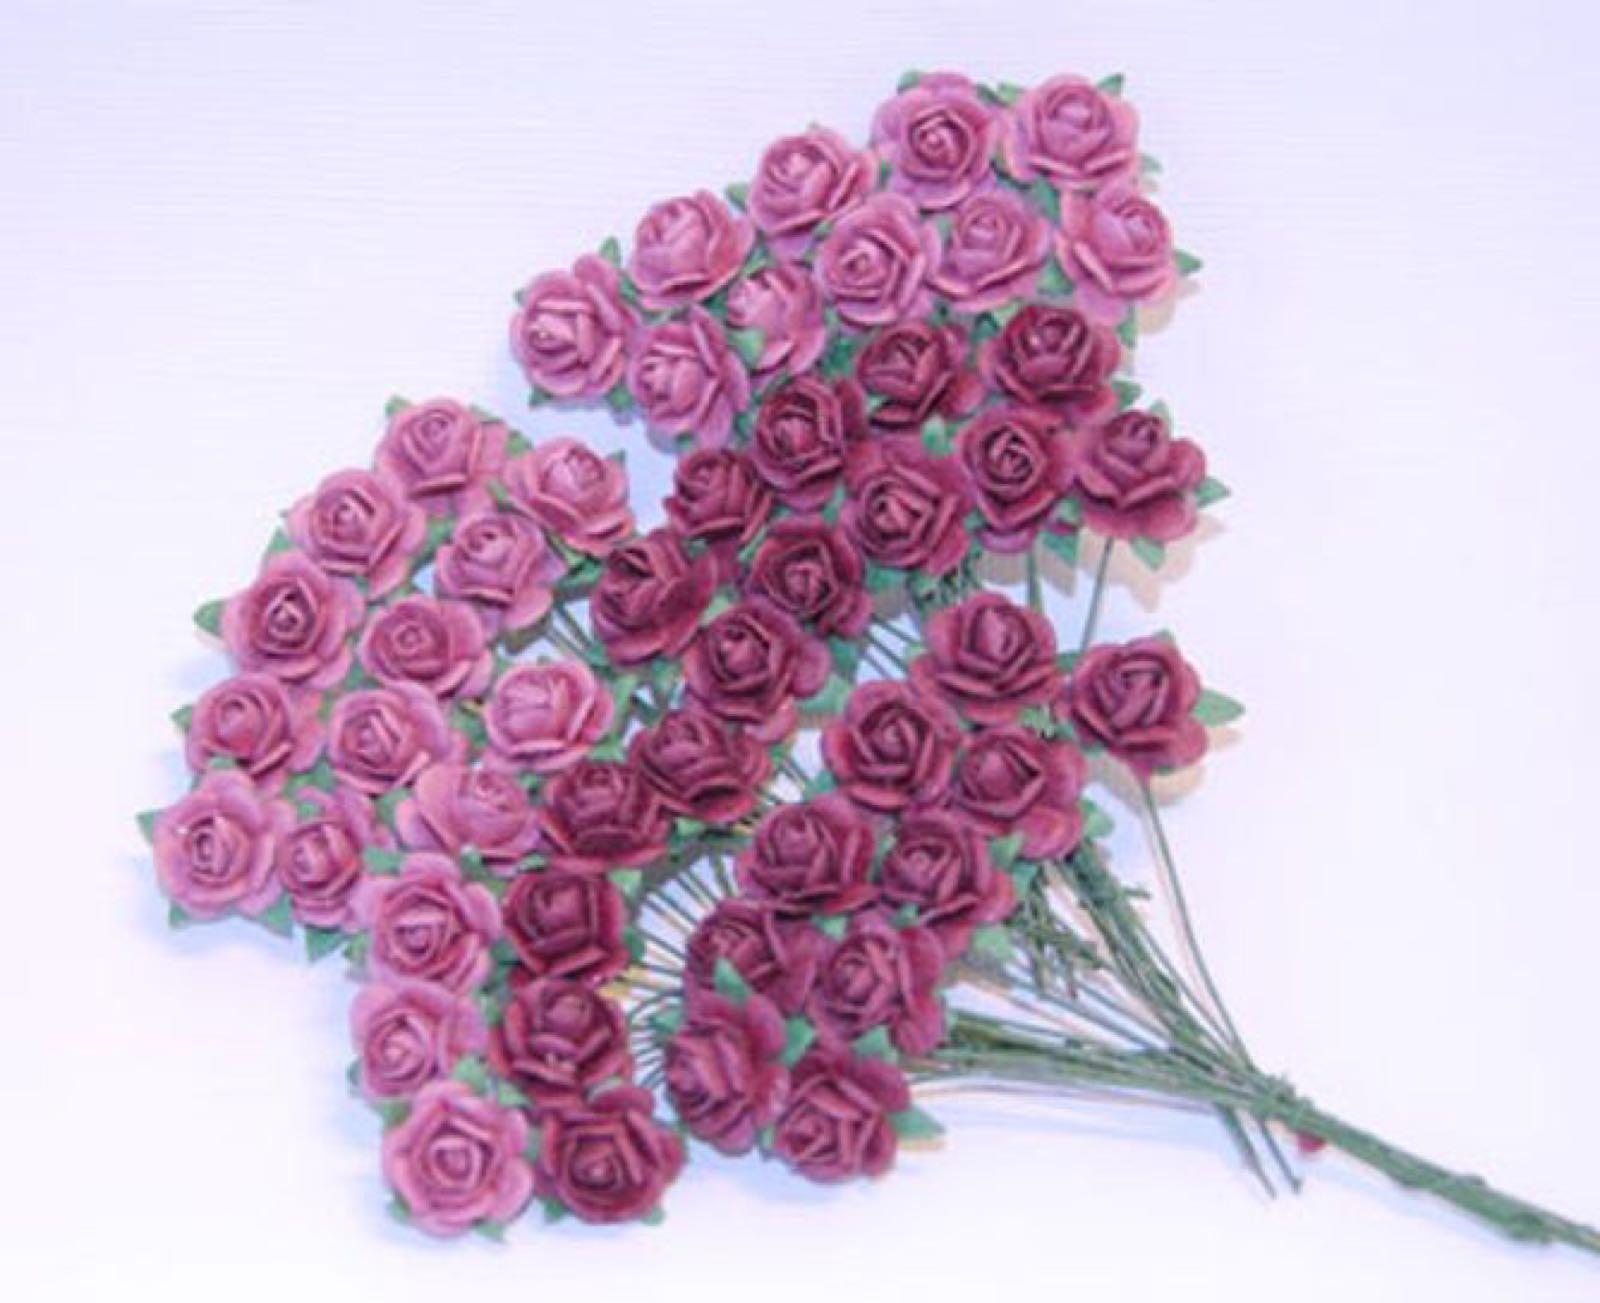 Papirdesign blomster, roser lyserosa/mørkrosa , 1,2cm